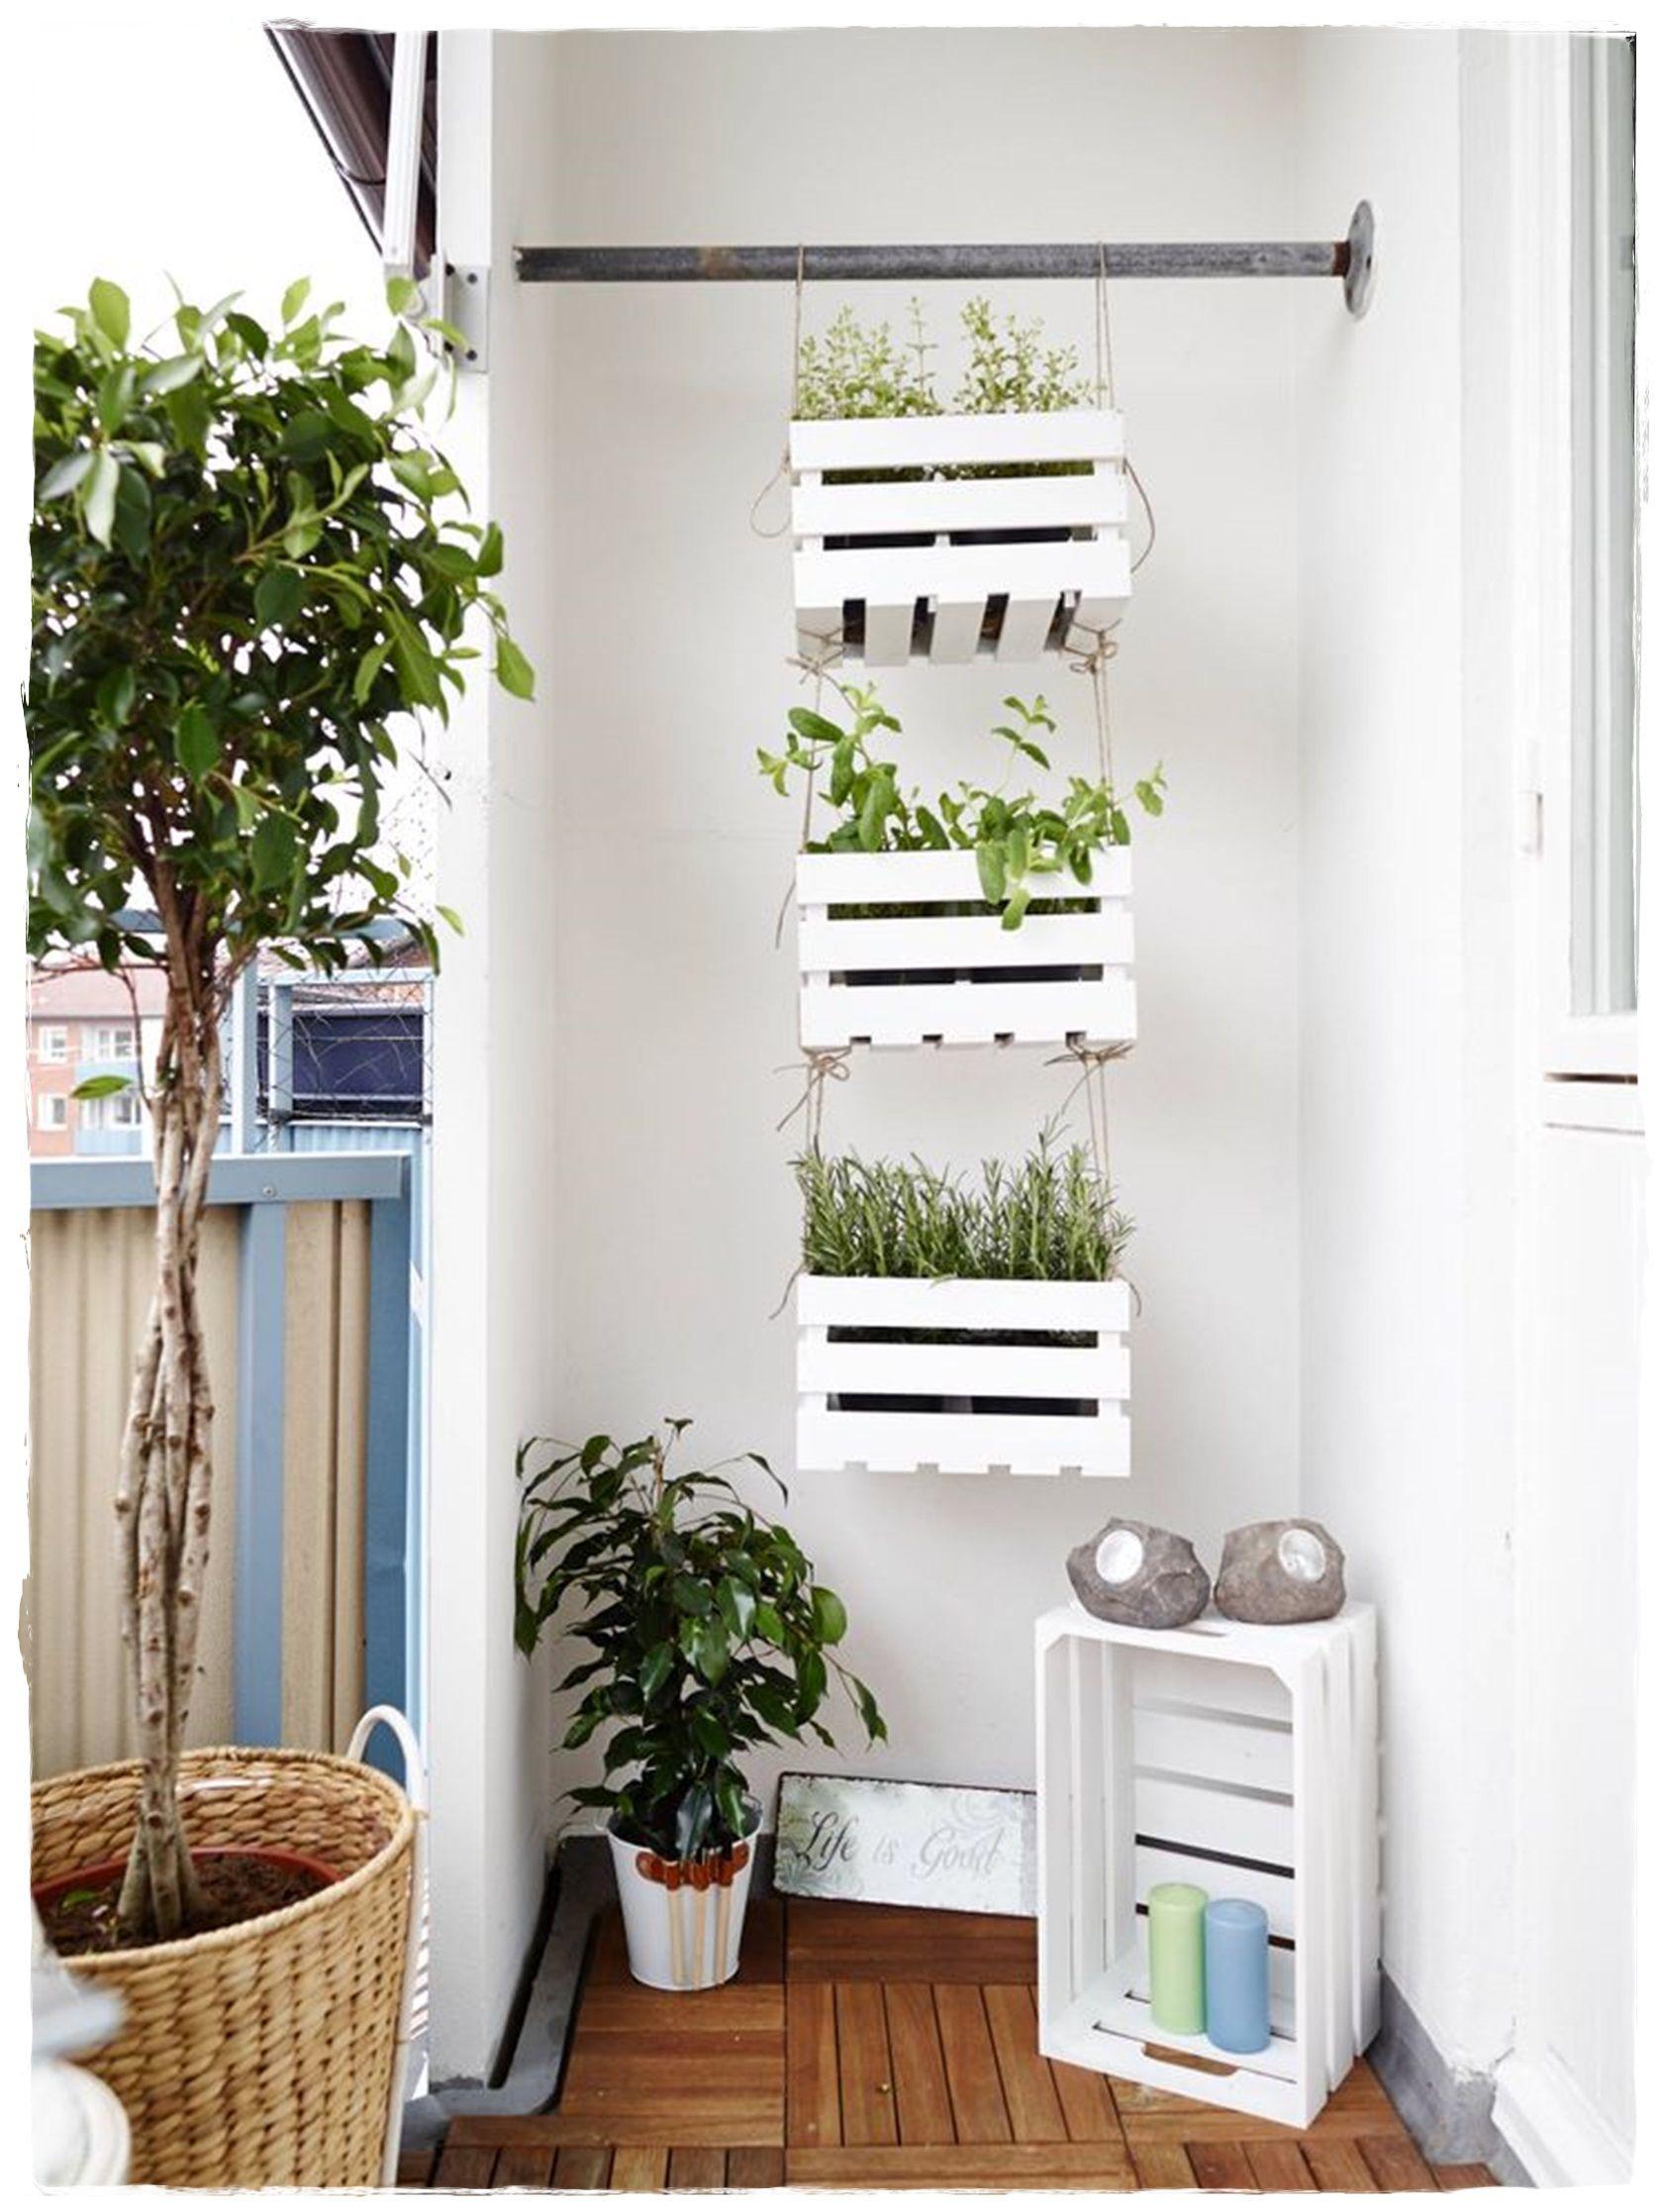 Cajas madera decoraci n jardineras plantas cajas for Decoracion de cajas